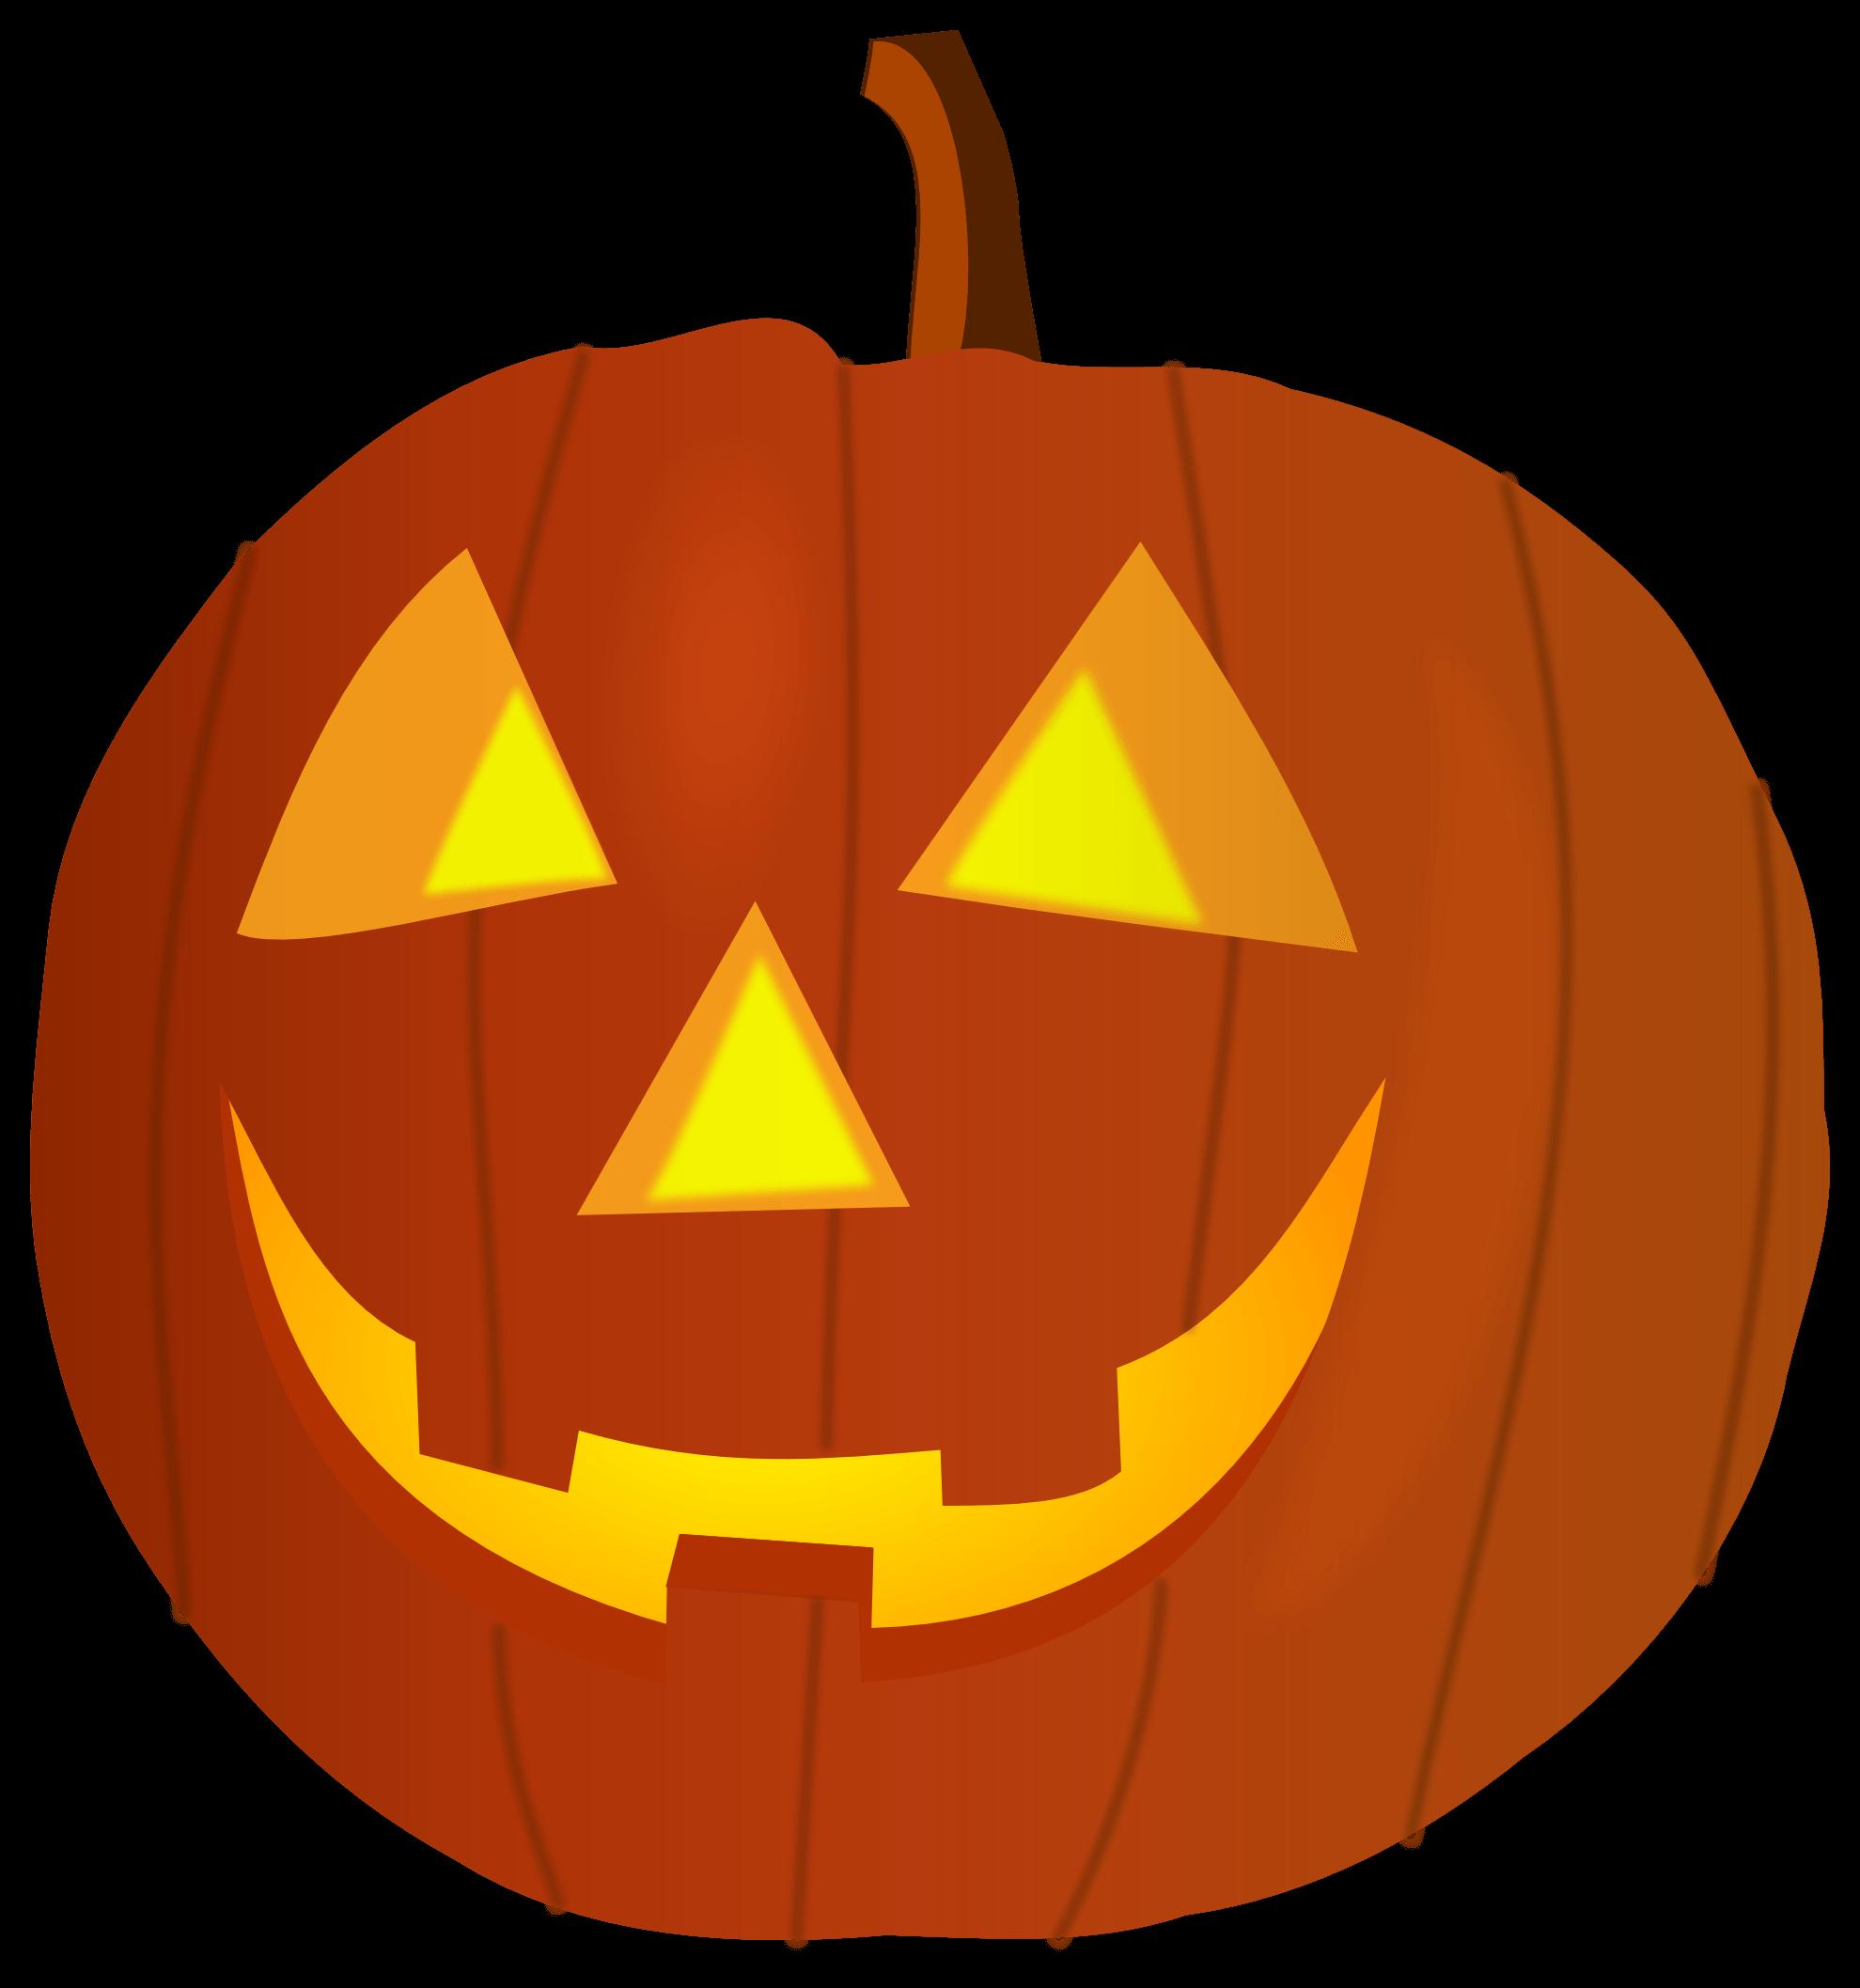 Happy Pumpkin Cliparts.